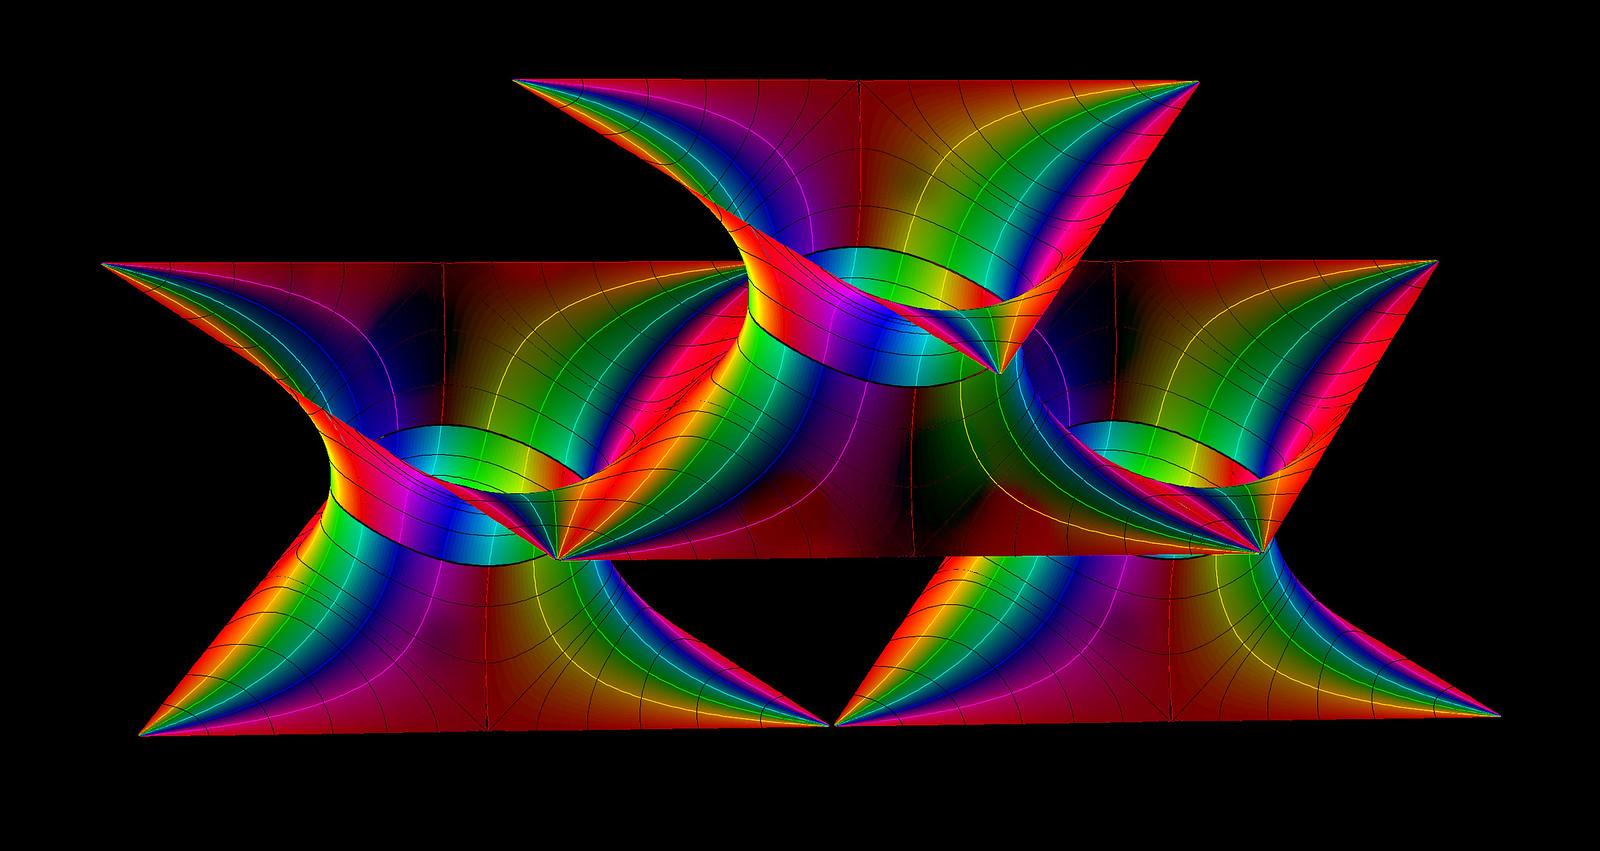 Other Triangular Catenoids